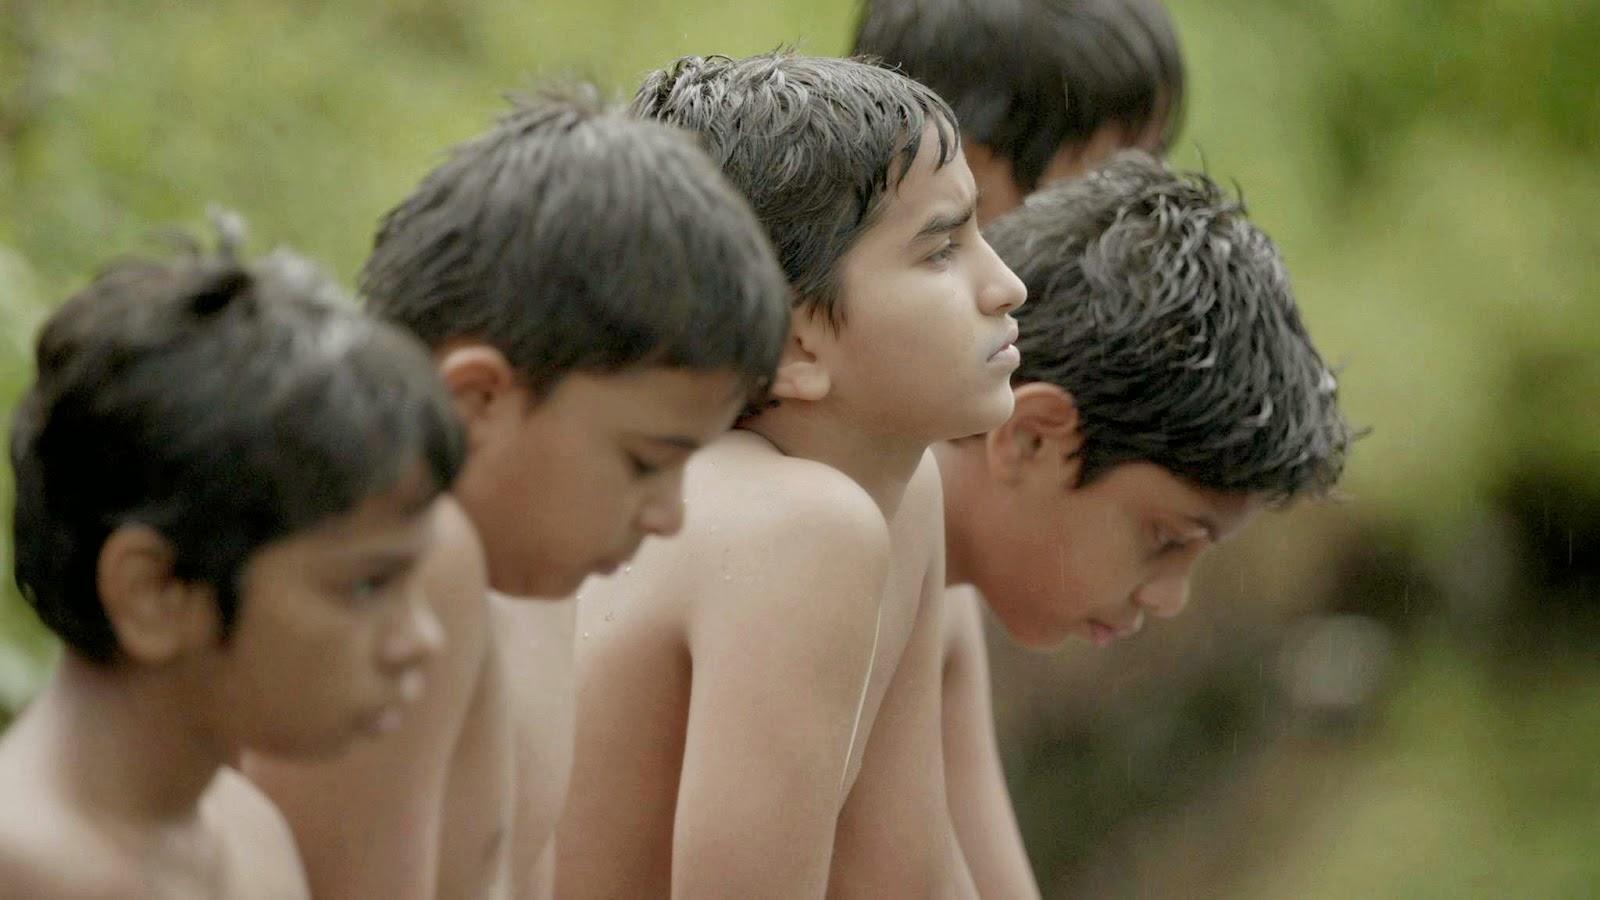 Vivre Nu - Respectez la nudit dans un lieu naturiste